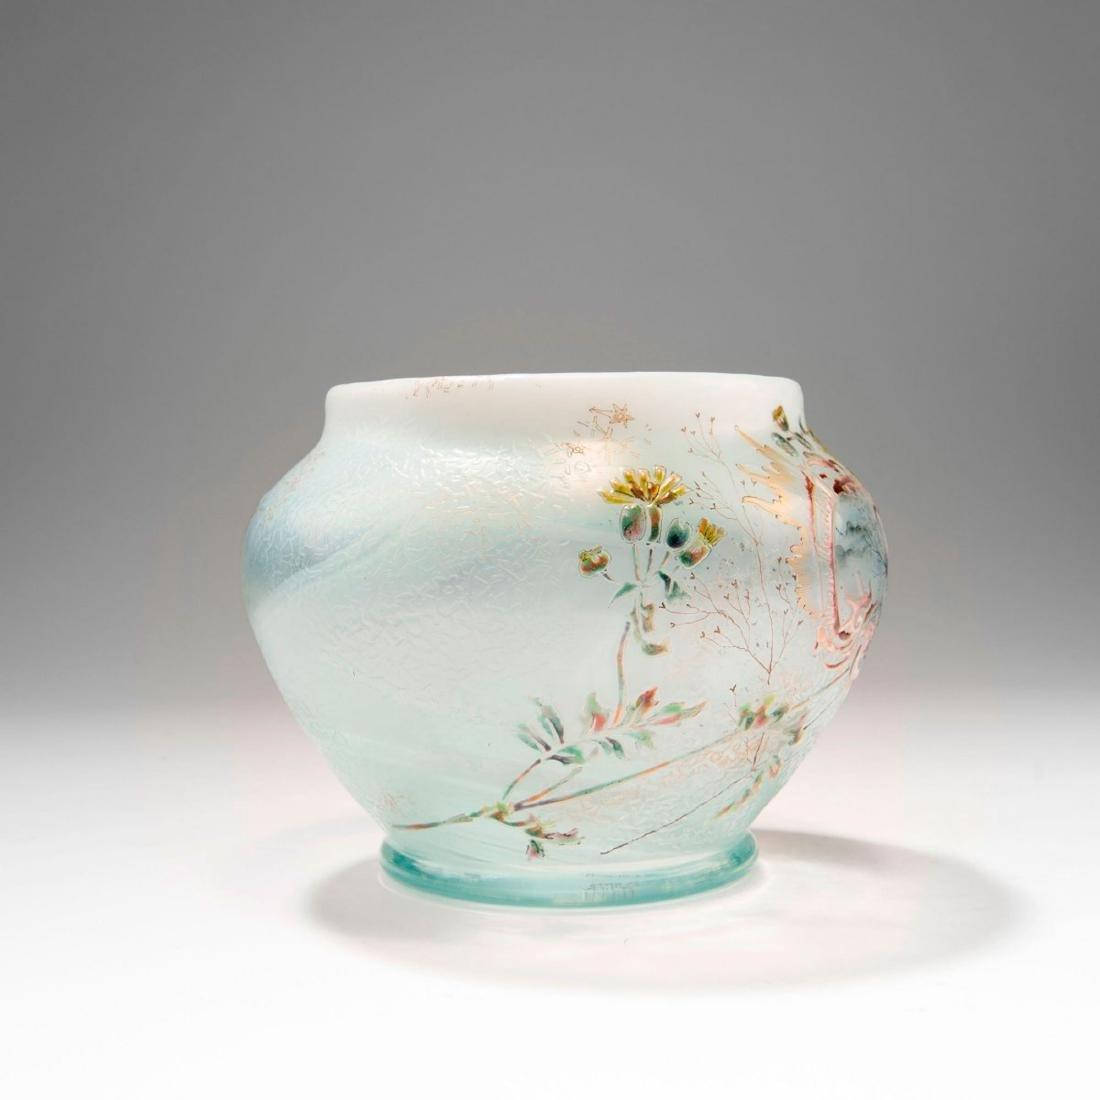 'Paysage et Fleurs' vase, 1890 - 2